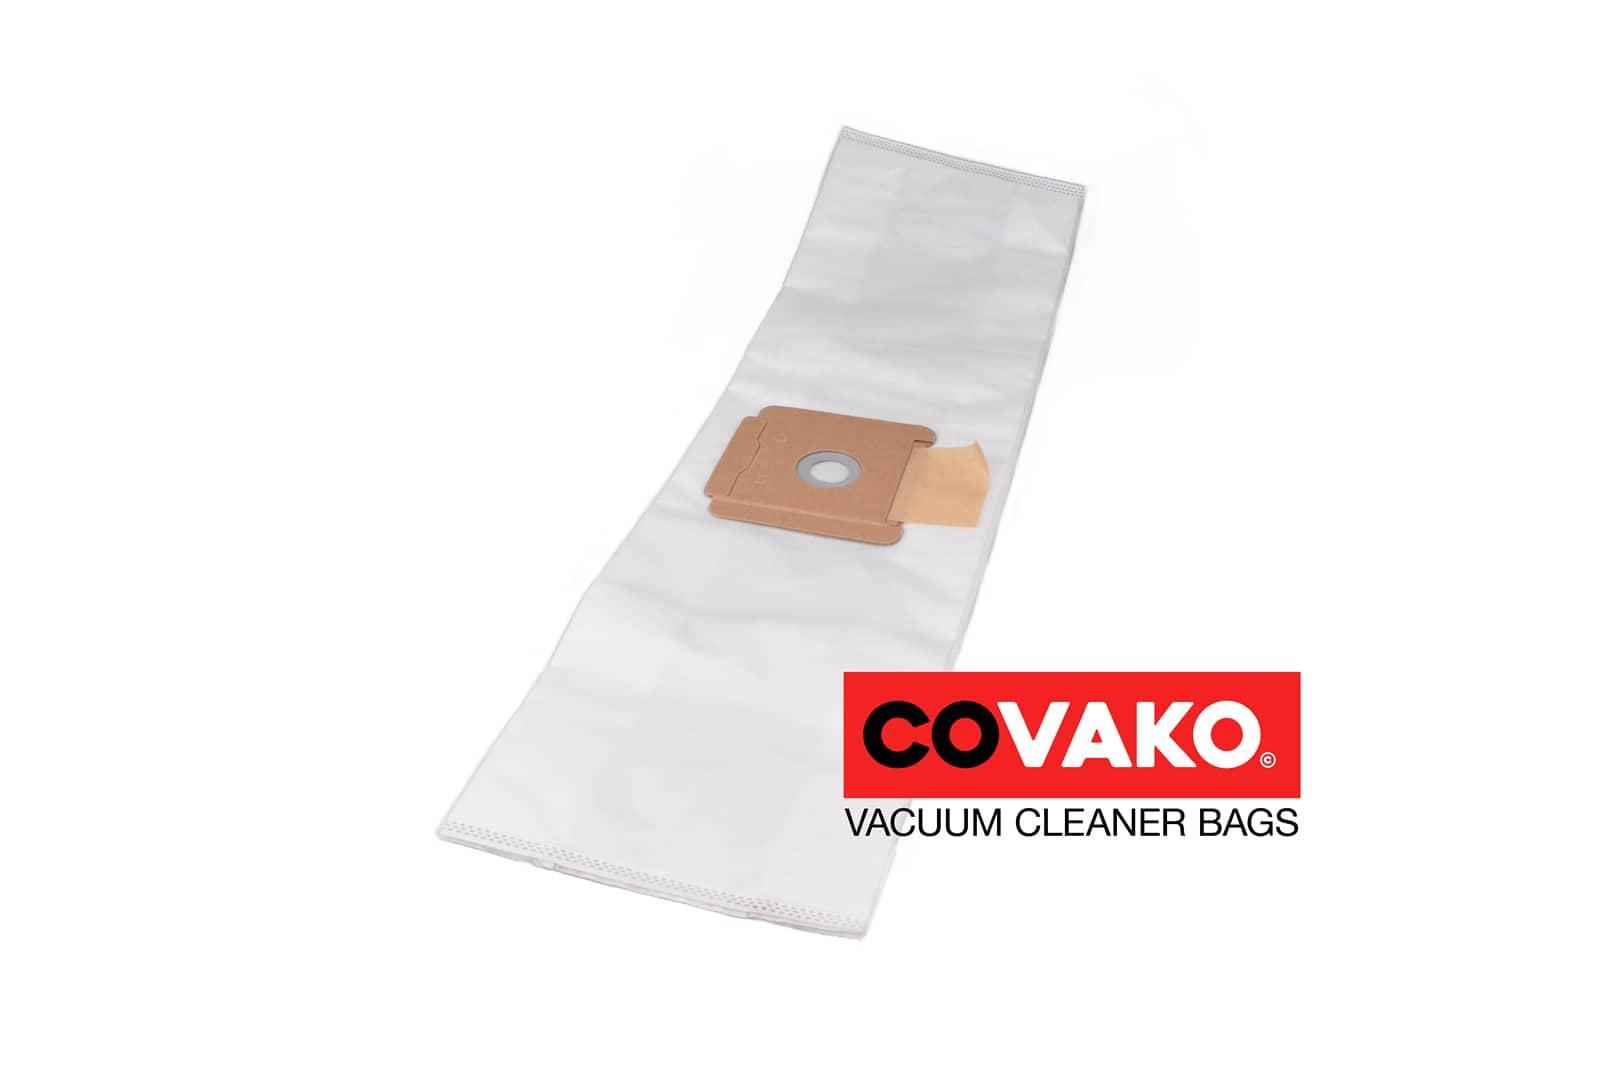 Borema TS 6 / Synthétique - Borema sacs d'aspirateur